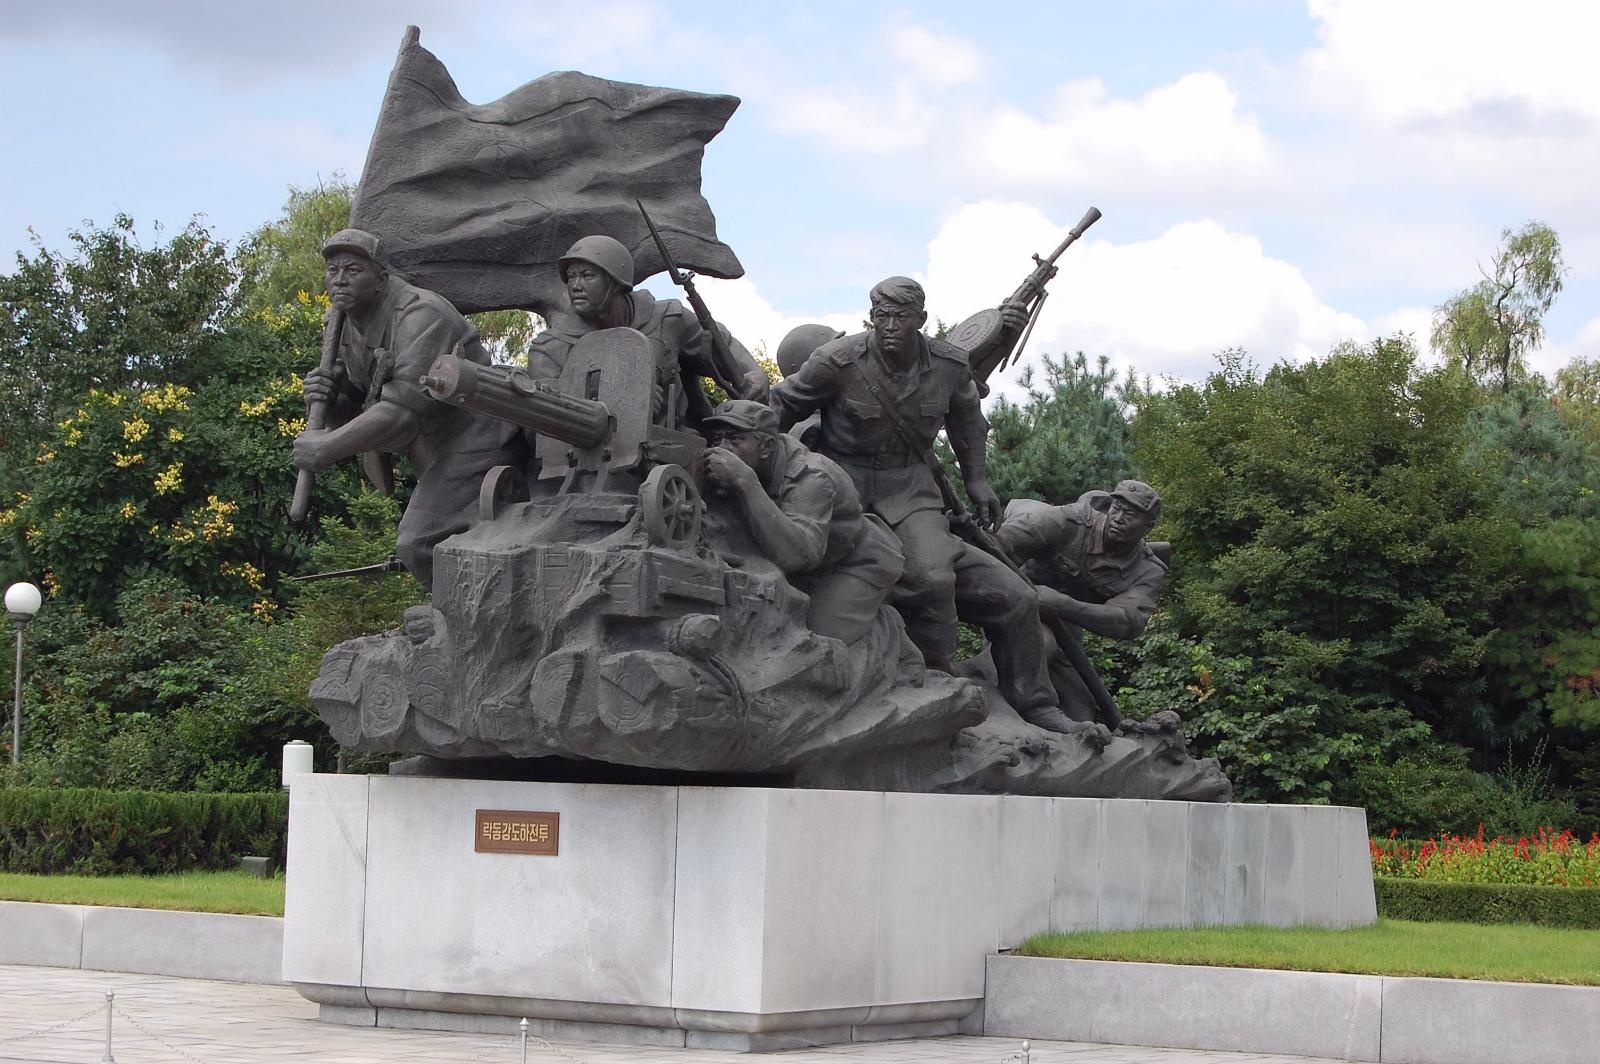 Alebo pomník vojakom?